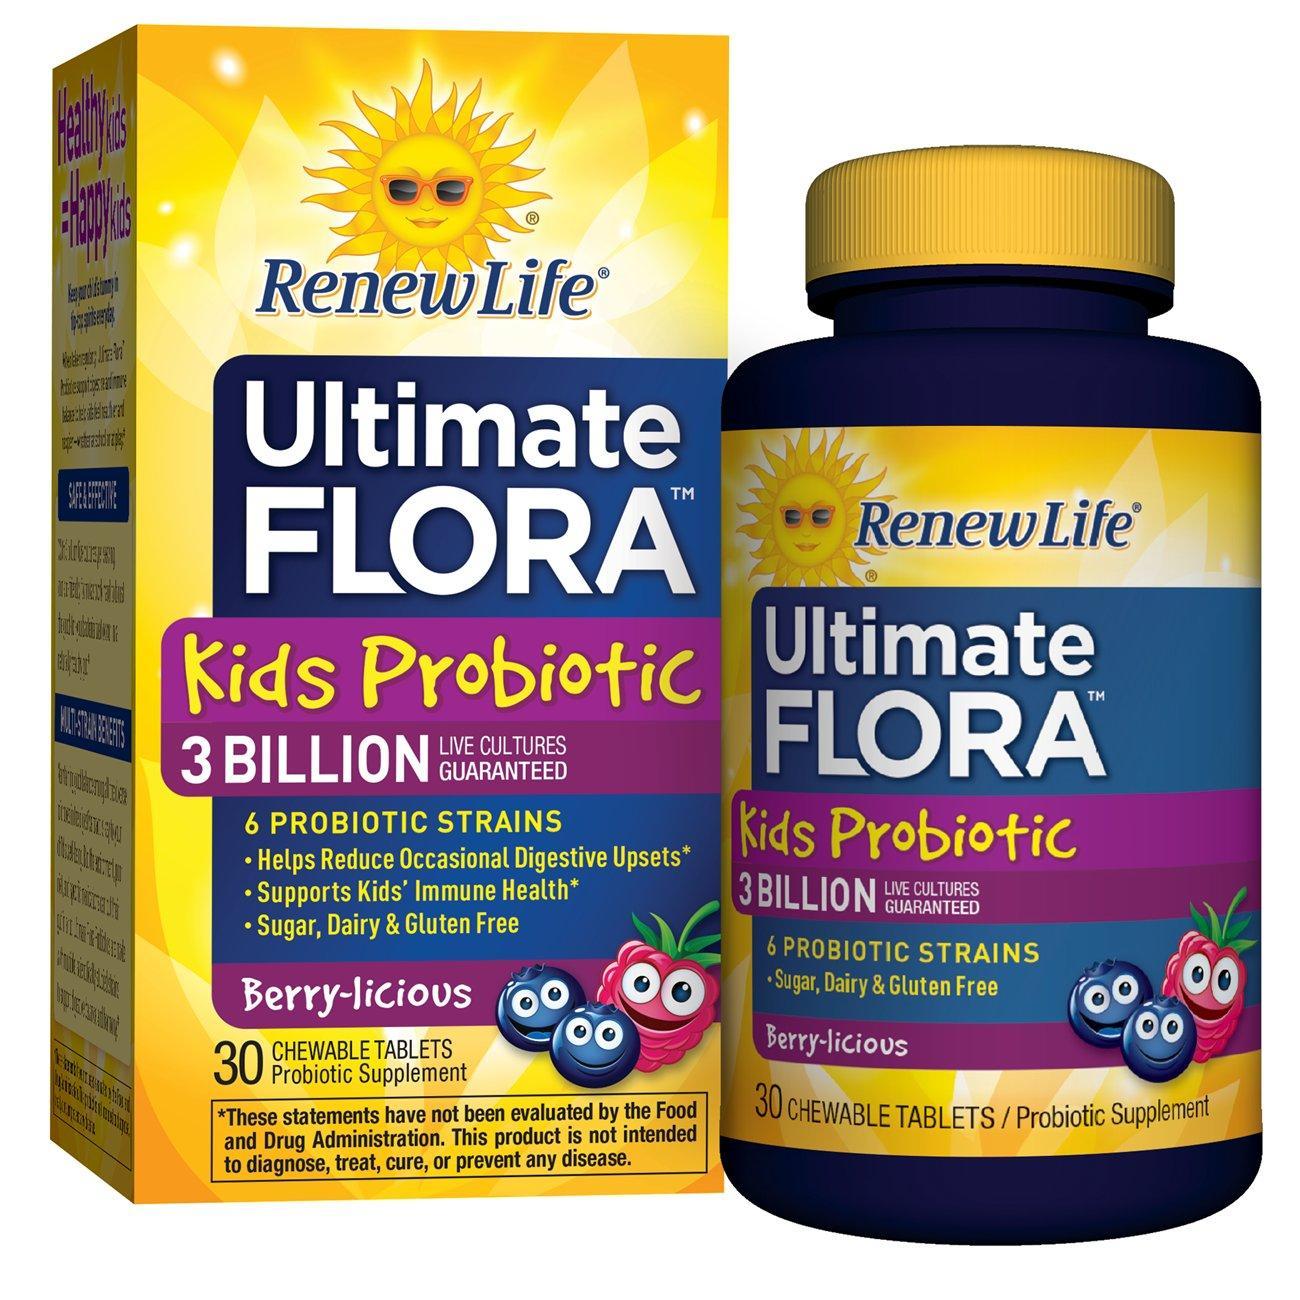 Kid probiotics